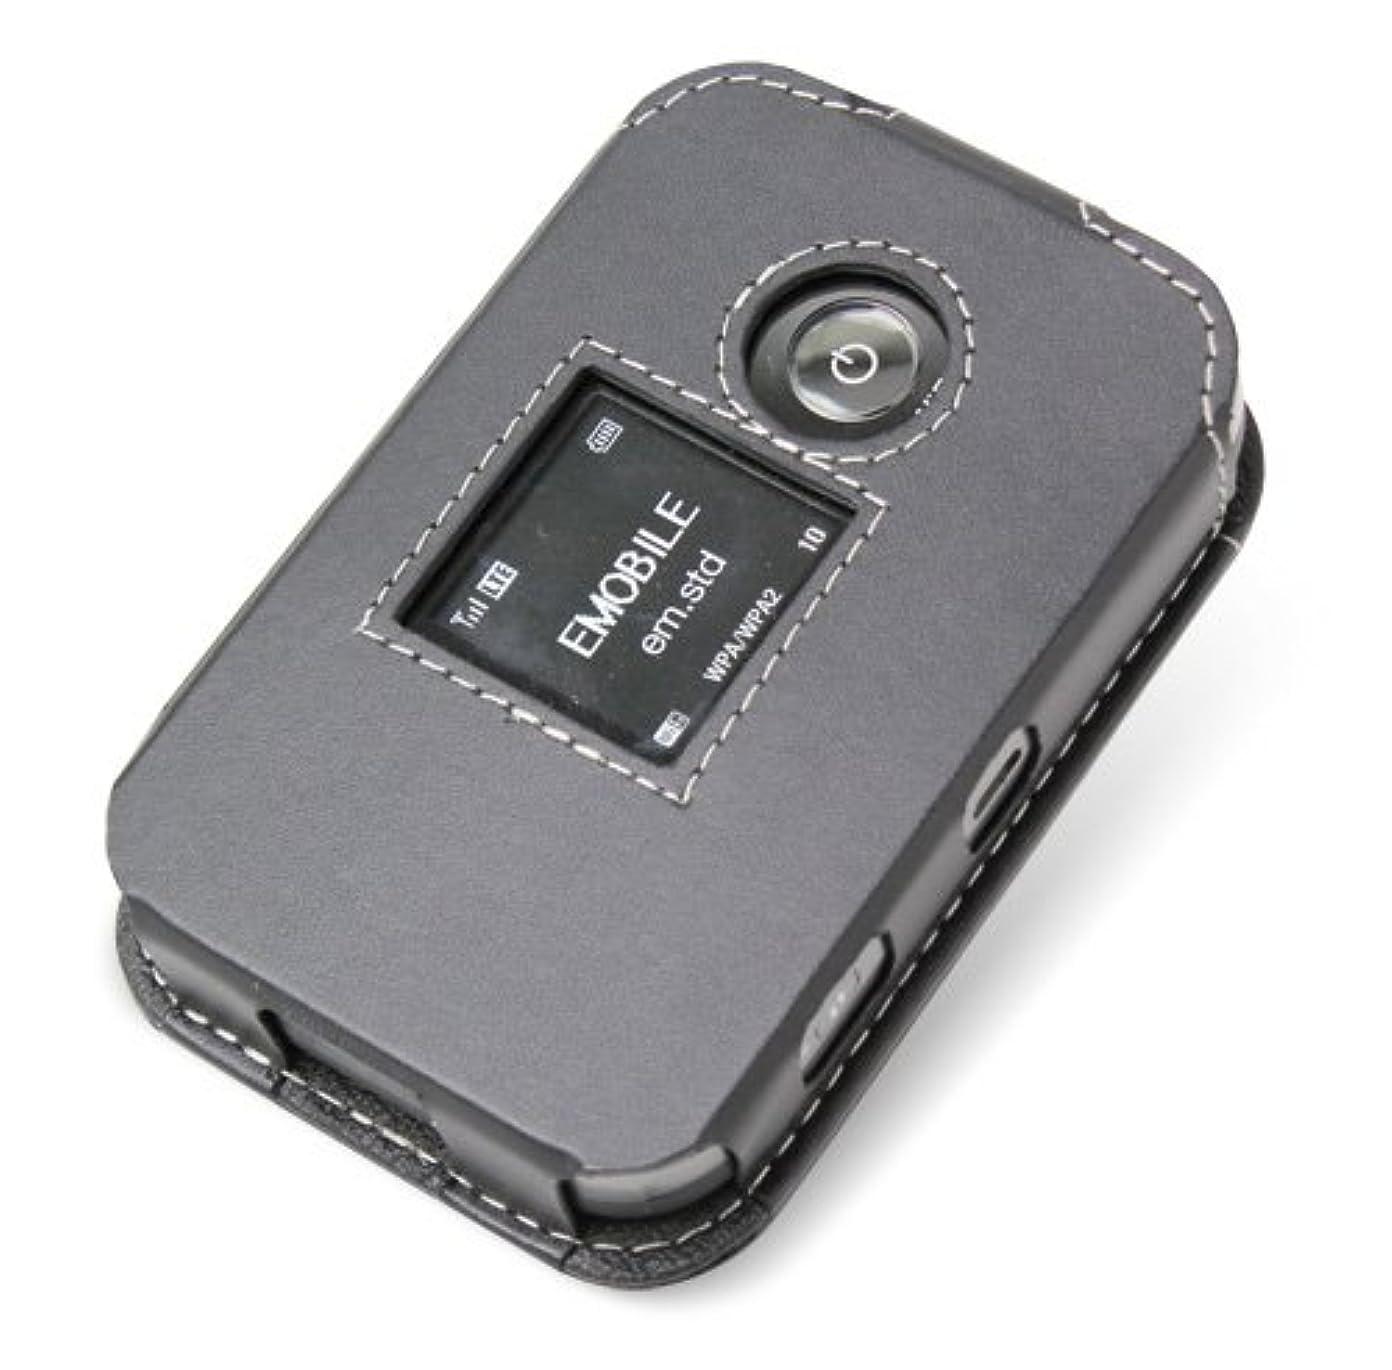 絶えずテレマコス瞑想的PDAIR レザーケース for Pocket WiFi LTE(GL04P) スリーブタイプ(ブラック) PALCGL04PS/BL